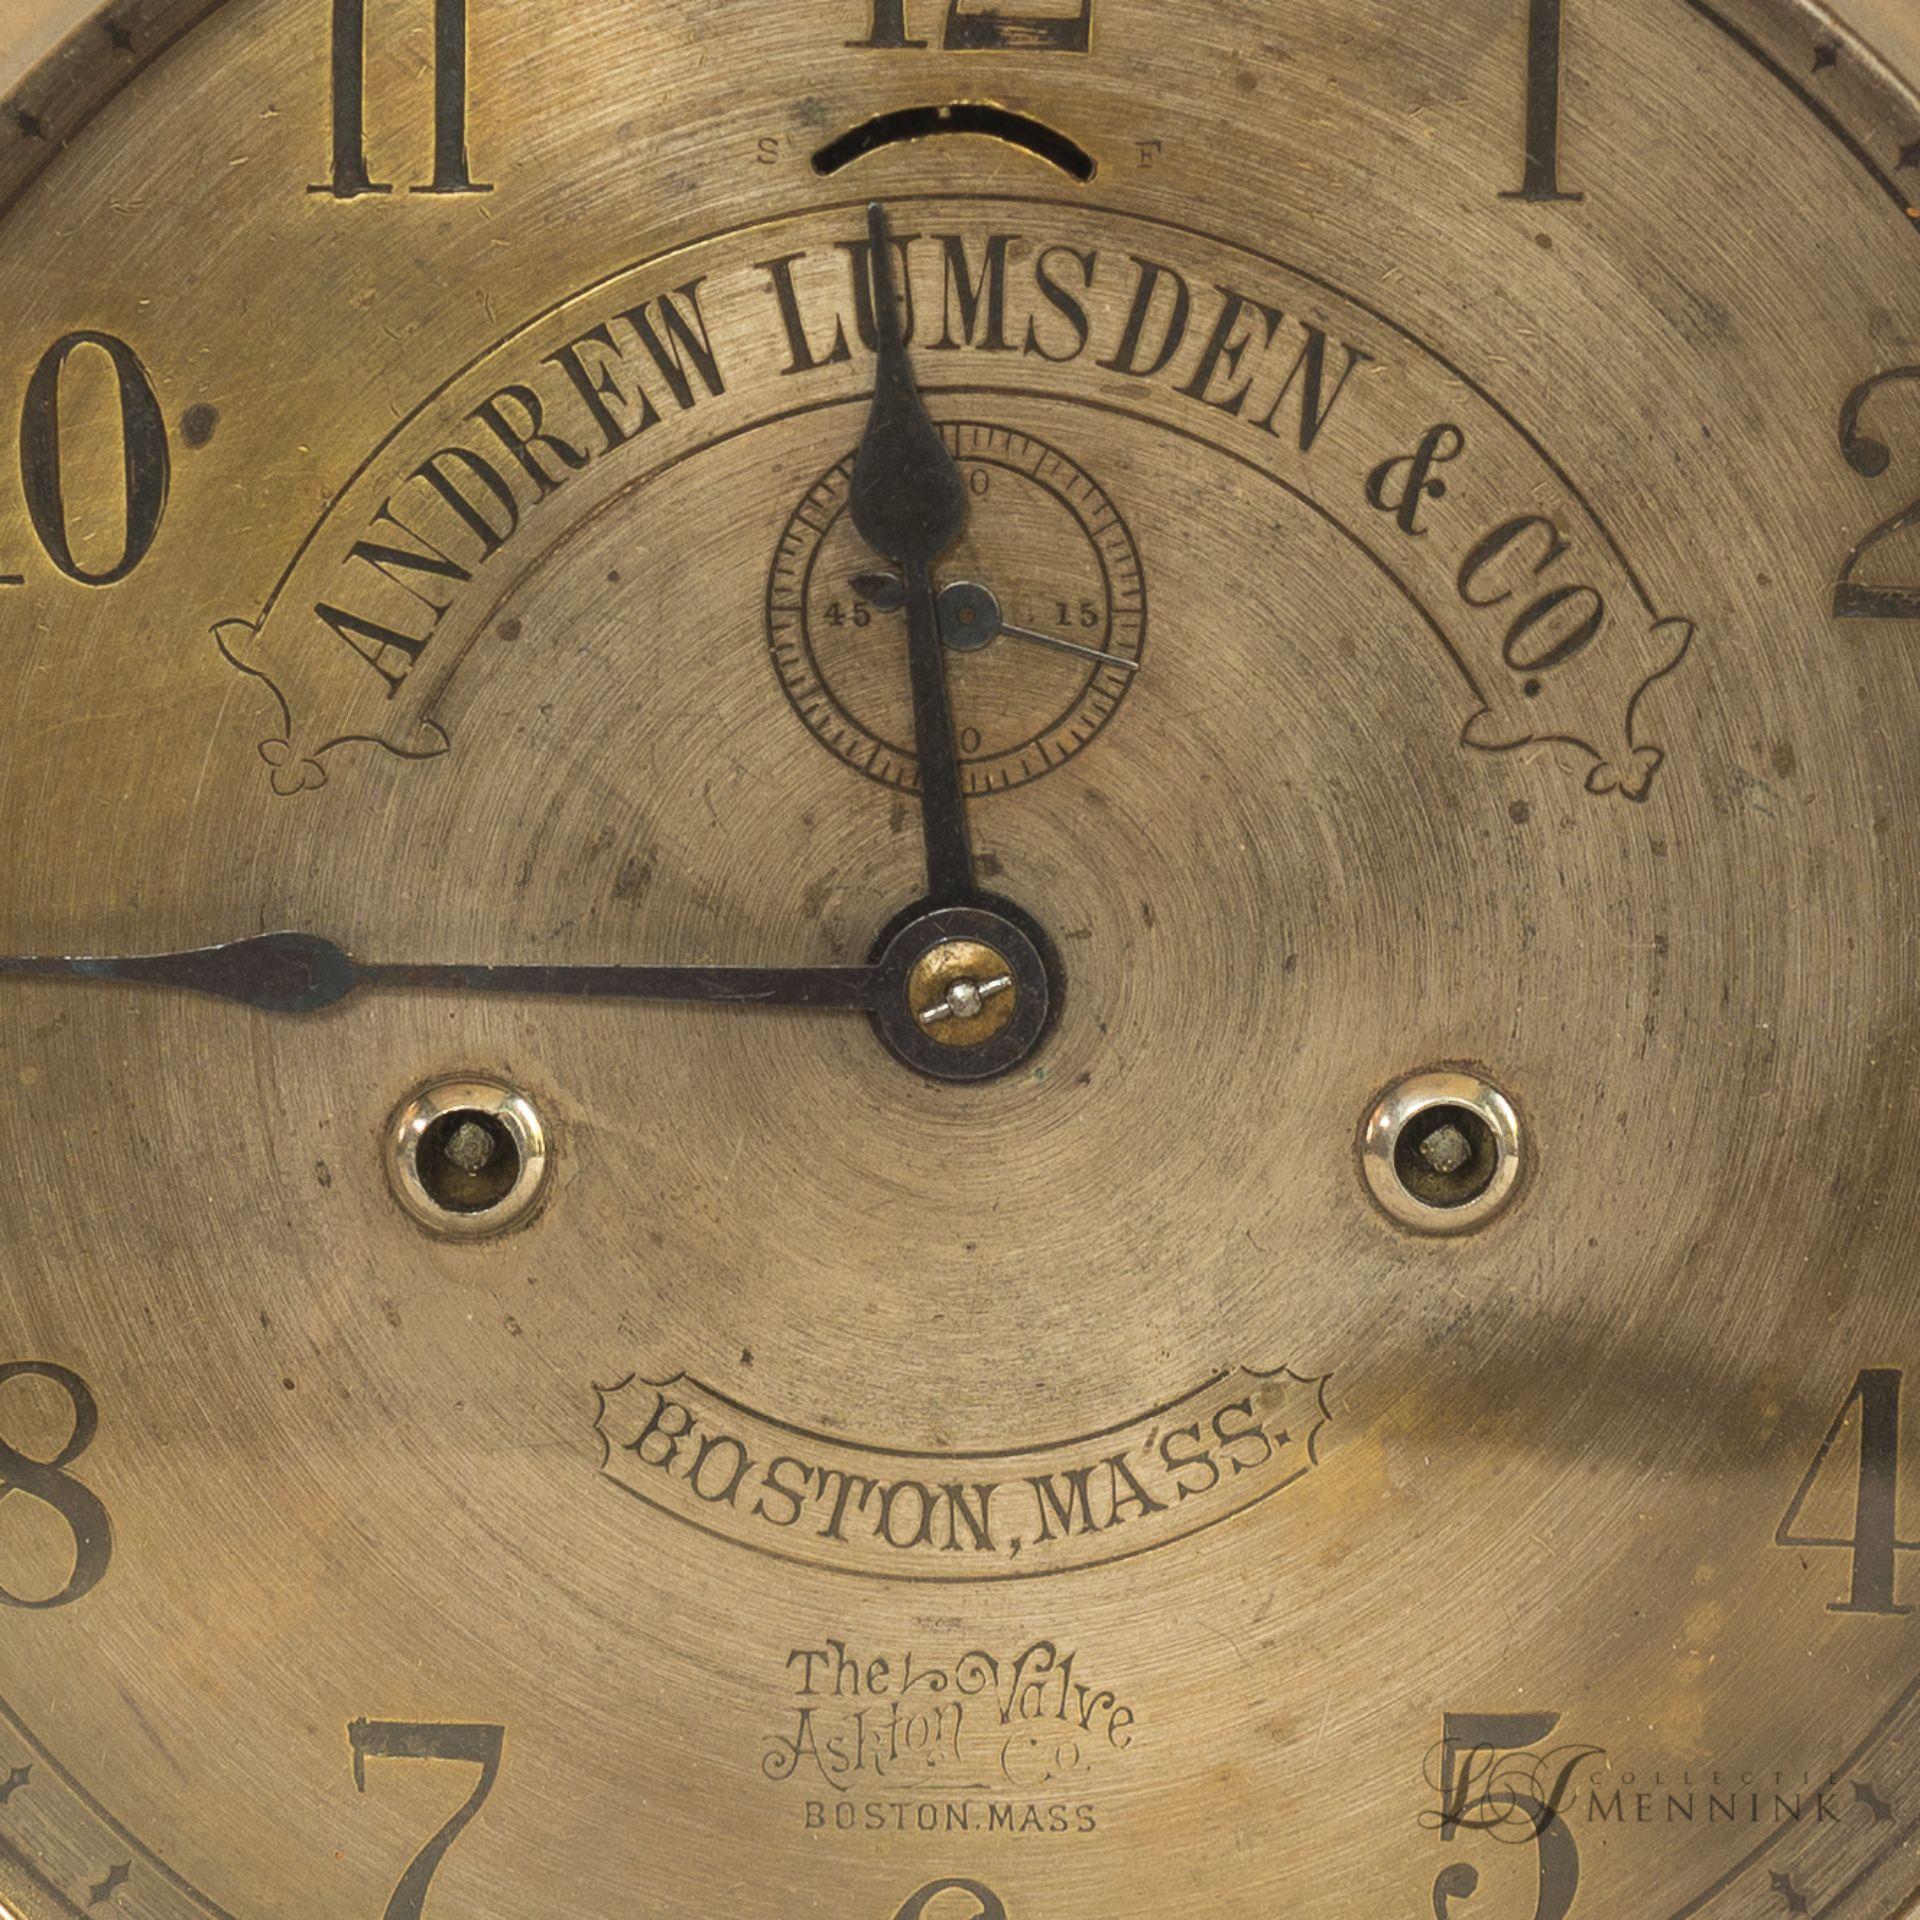 Andrew Lumsden & Co railway clock (27,5 cm)